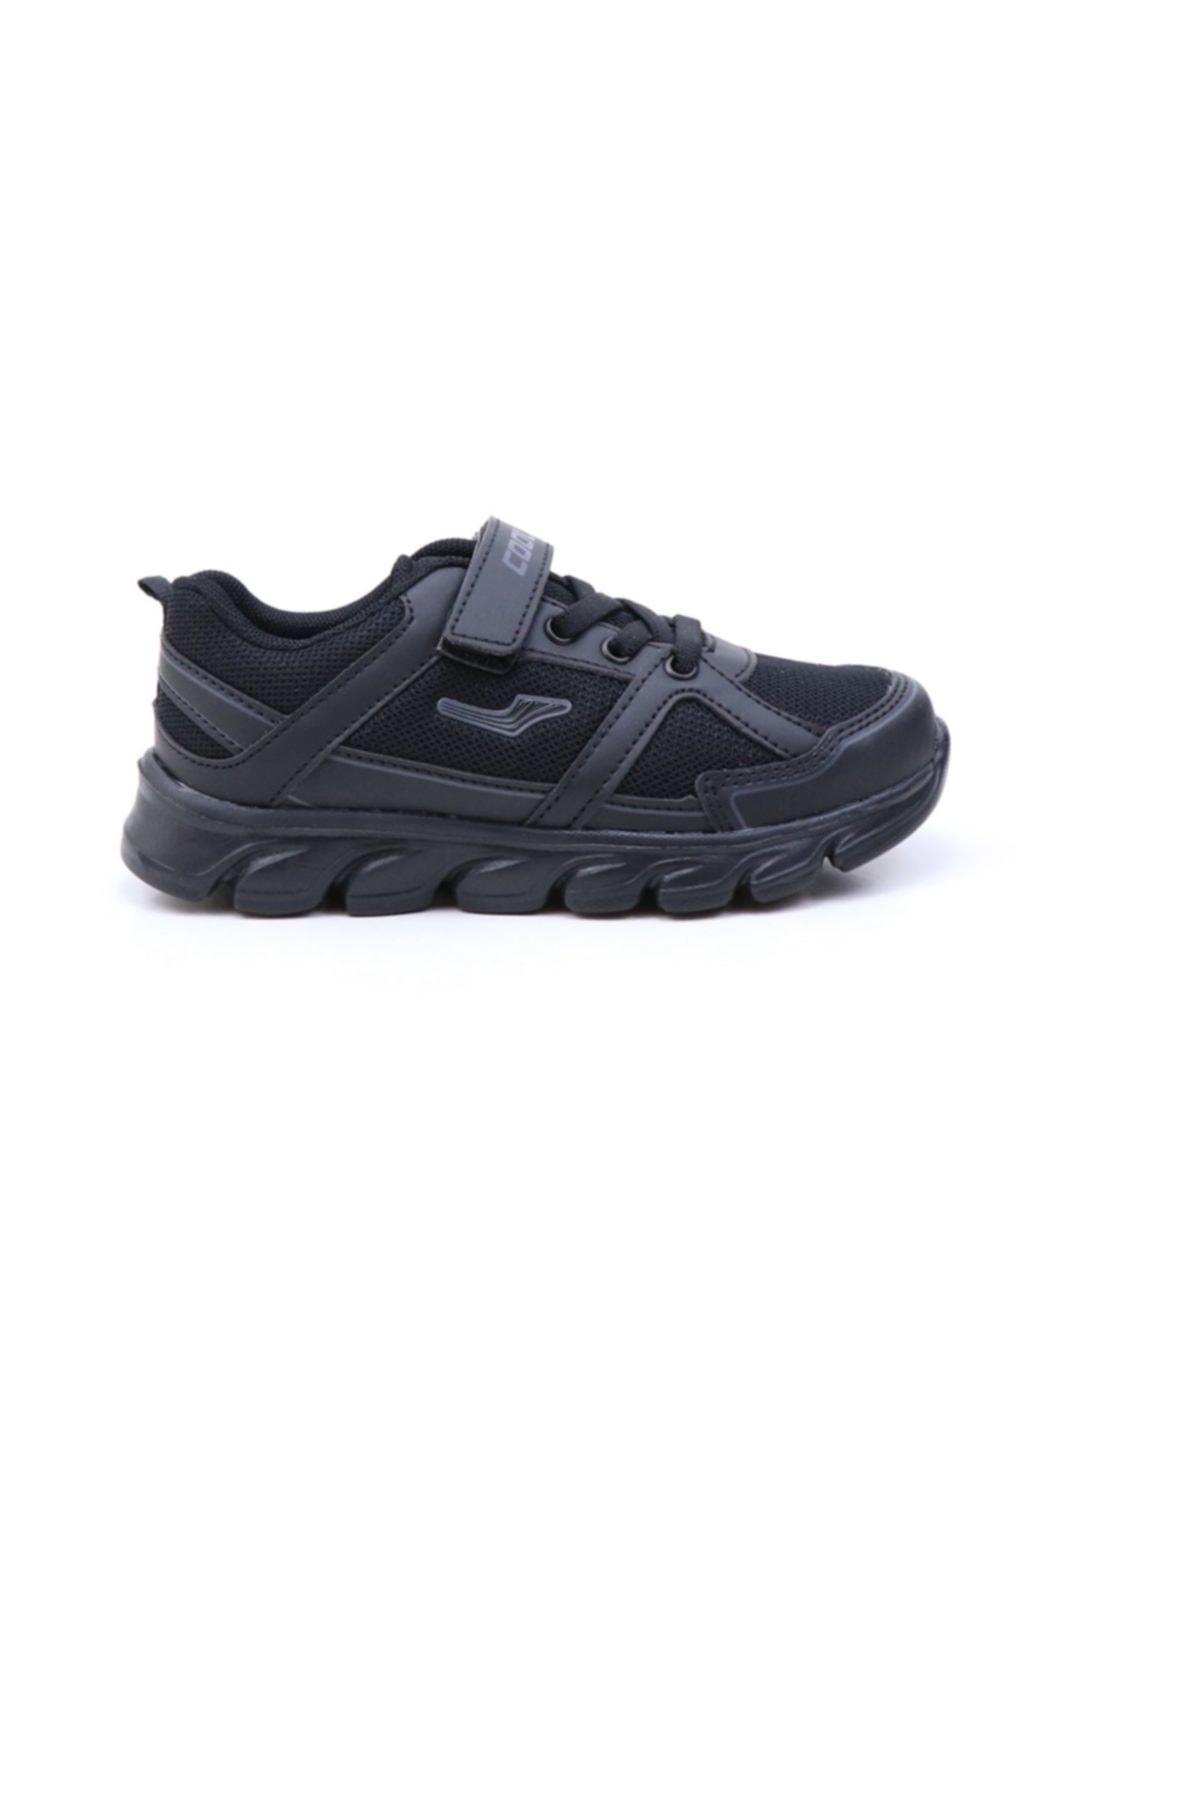 ARSLAN ICOOL Çocuk Spor Ayakkabı 1